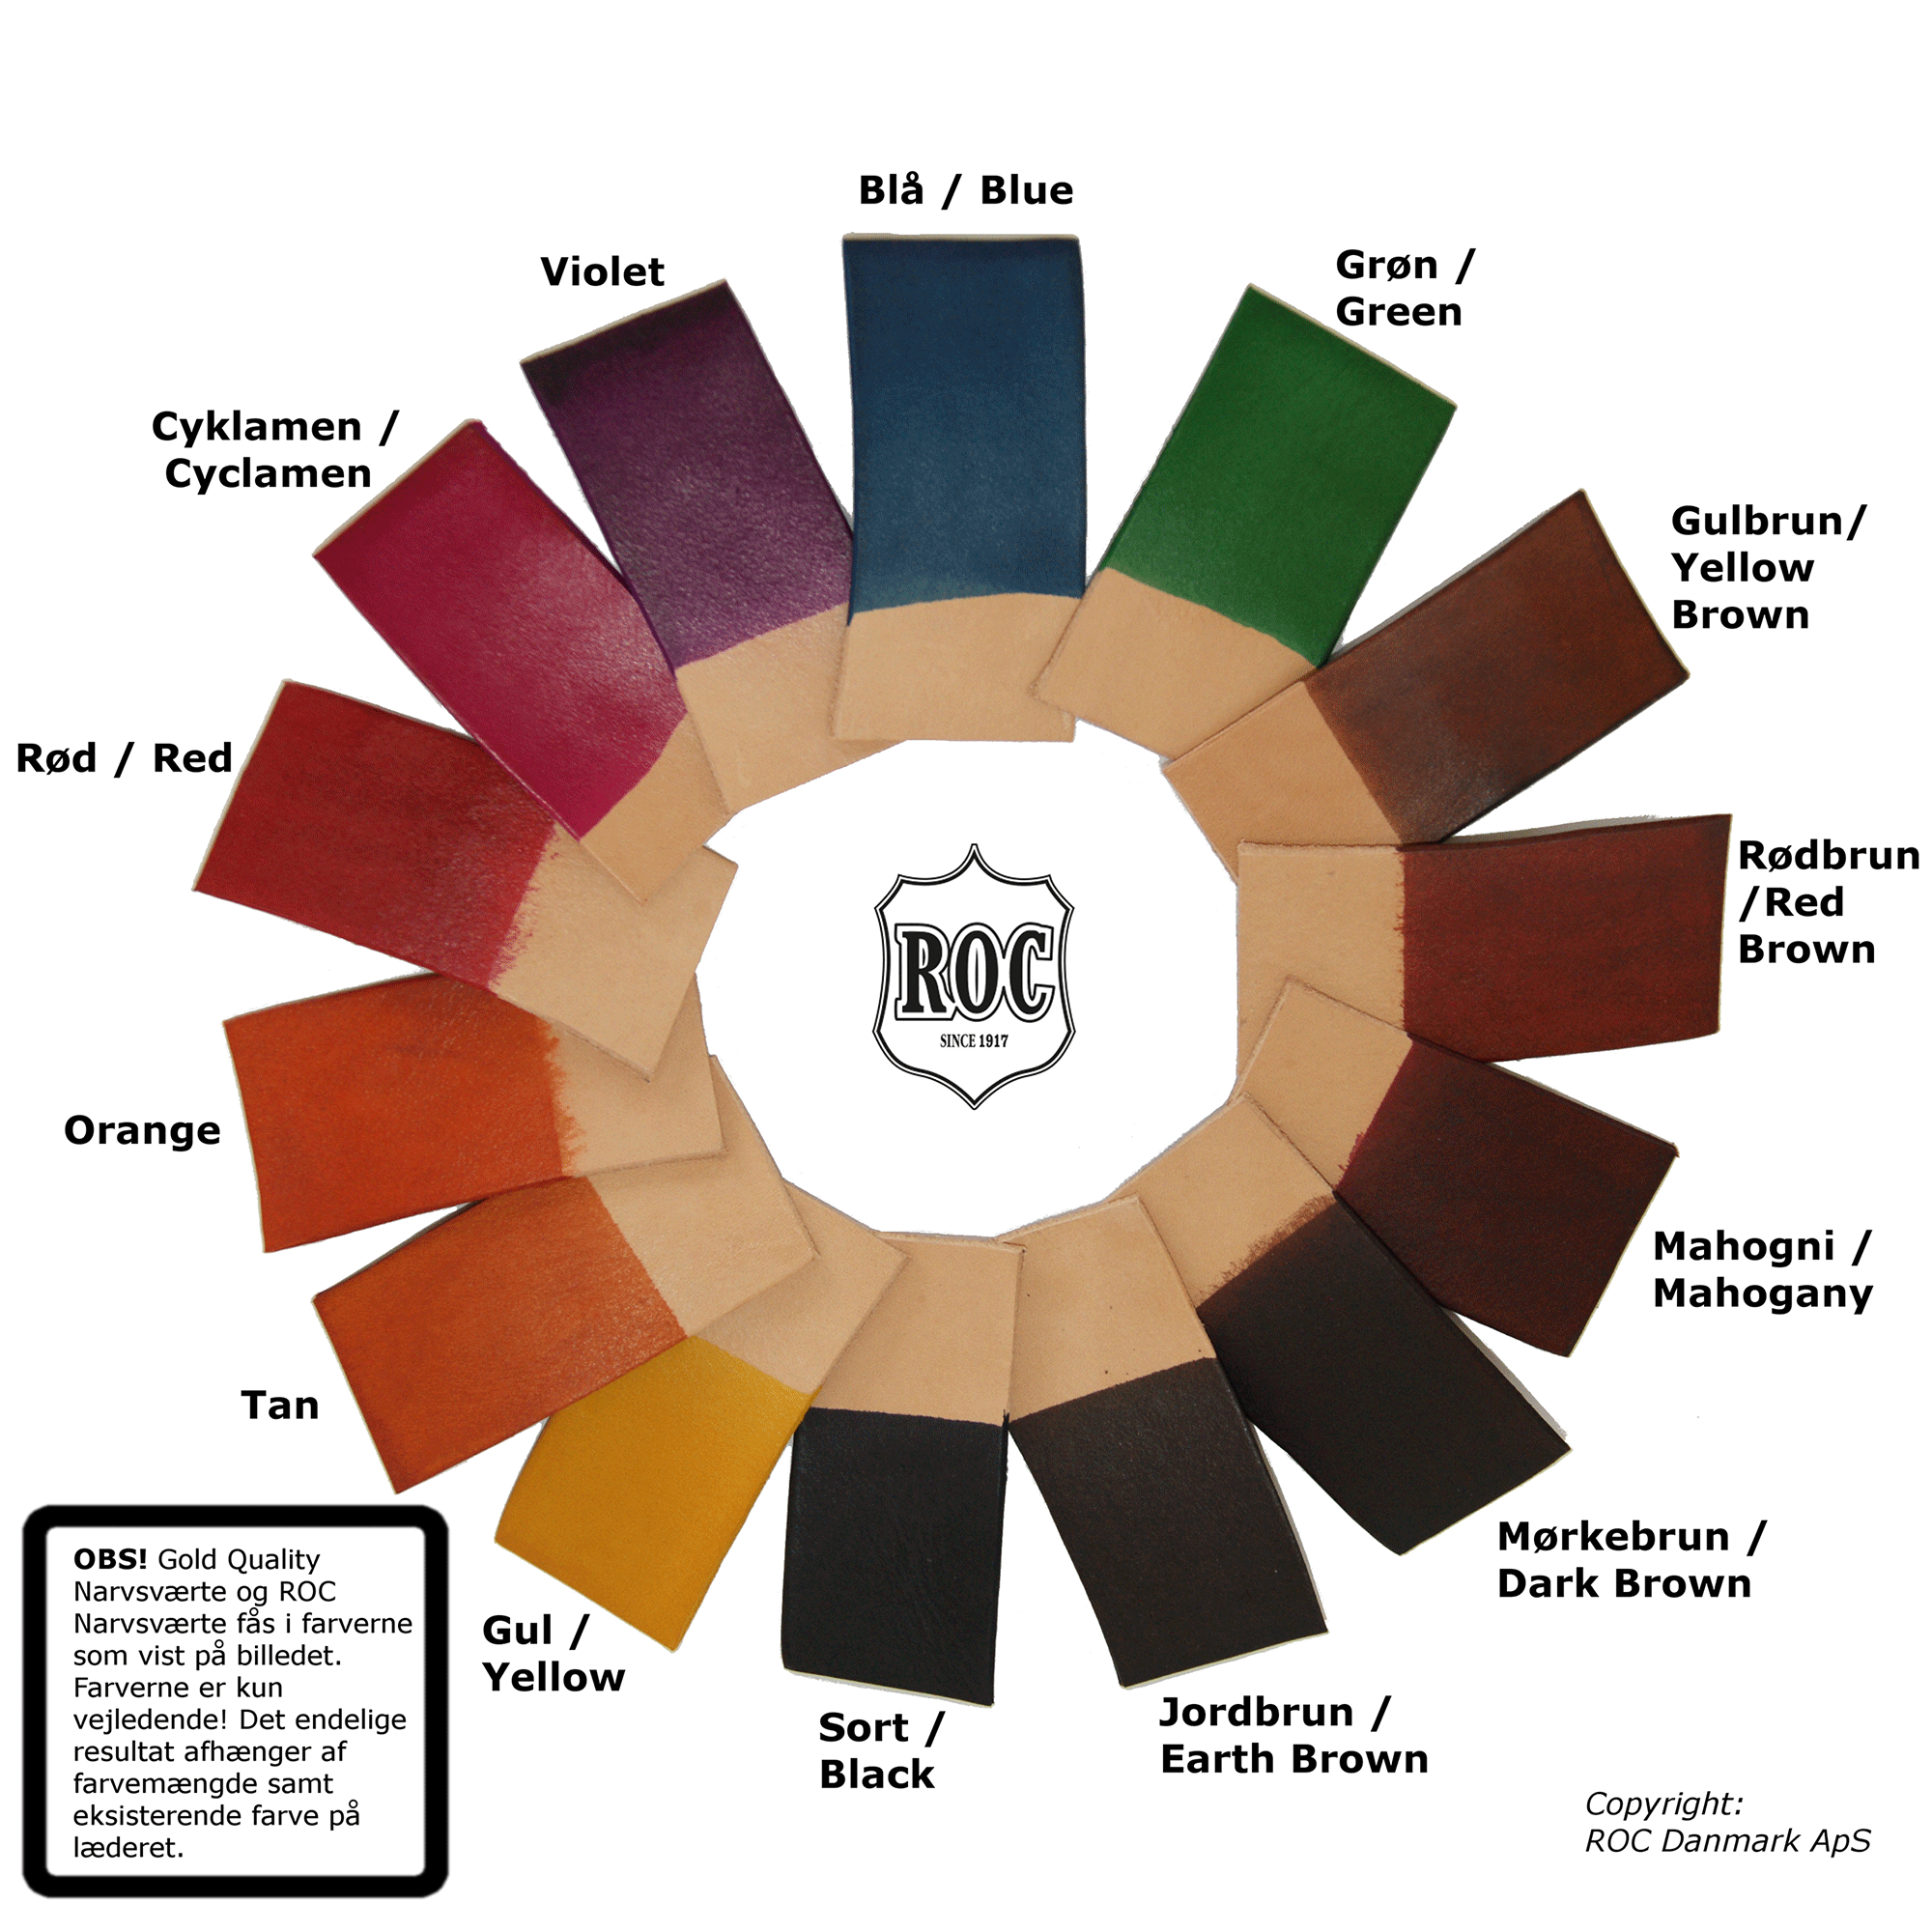 Narvsværte Farvehjul